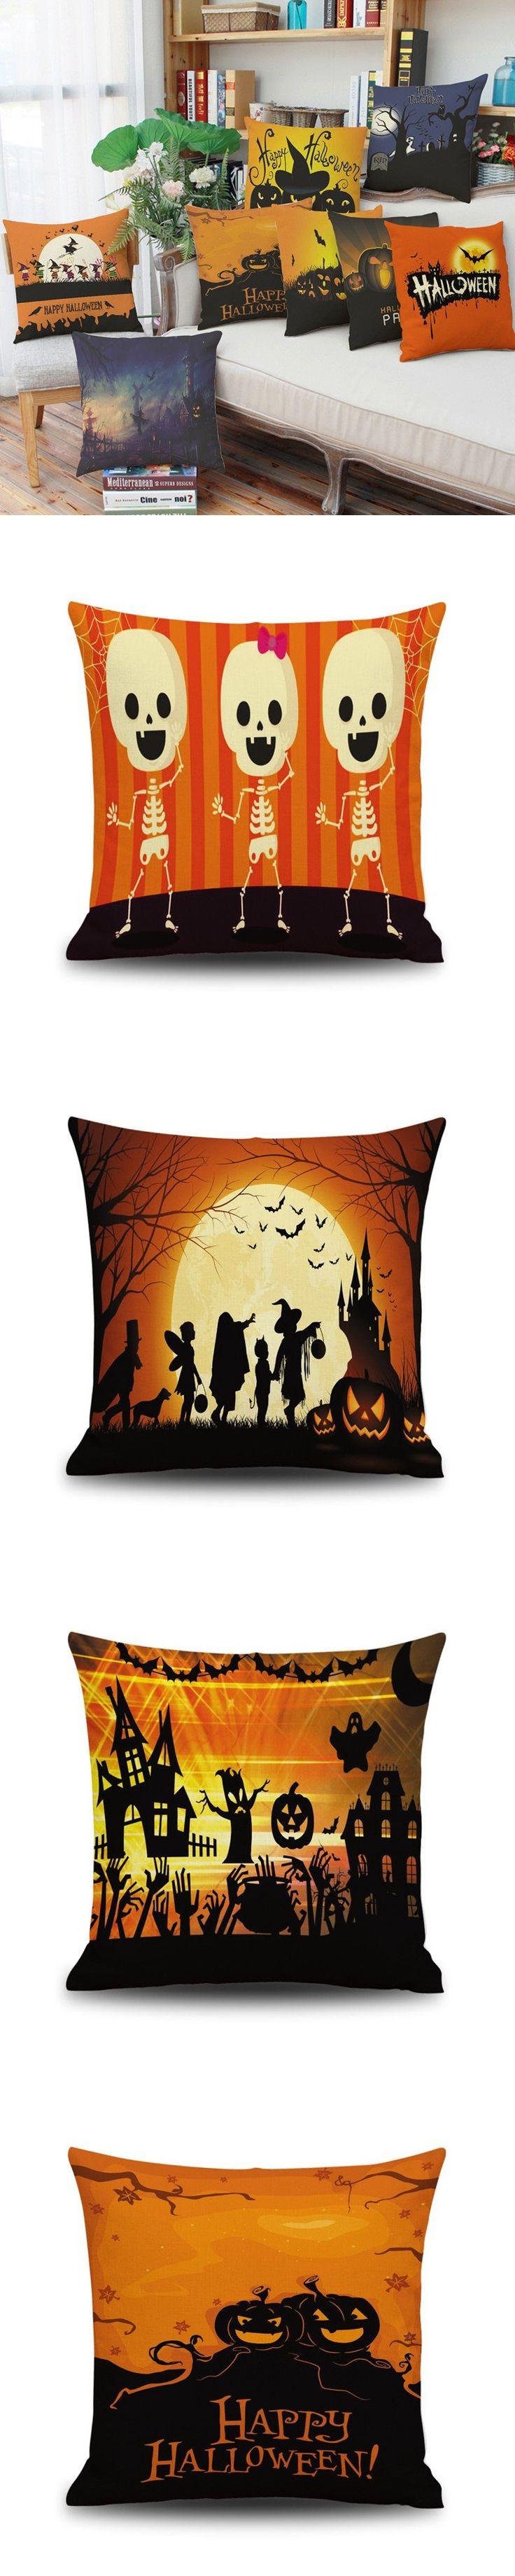 2016 Home Textile High Quality Halloween Pillow Cover Scandinavian Standard Linen Decorative Pillowcase Office Pillow mat Pillow $3.5